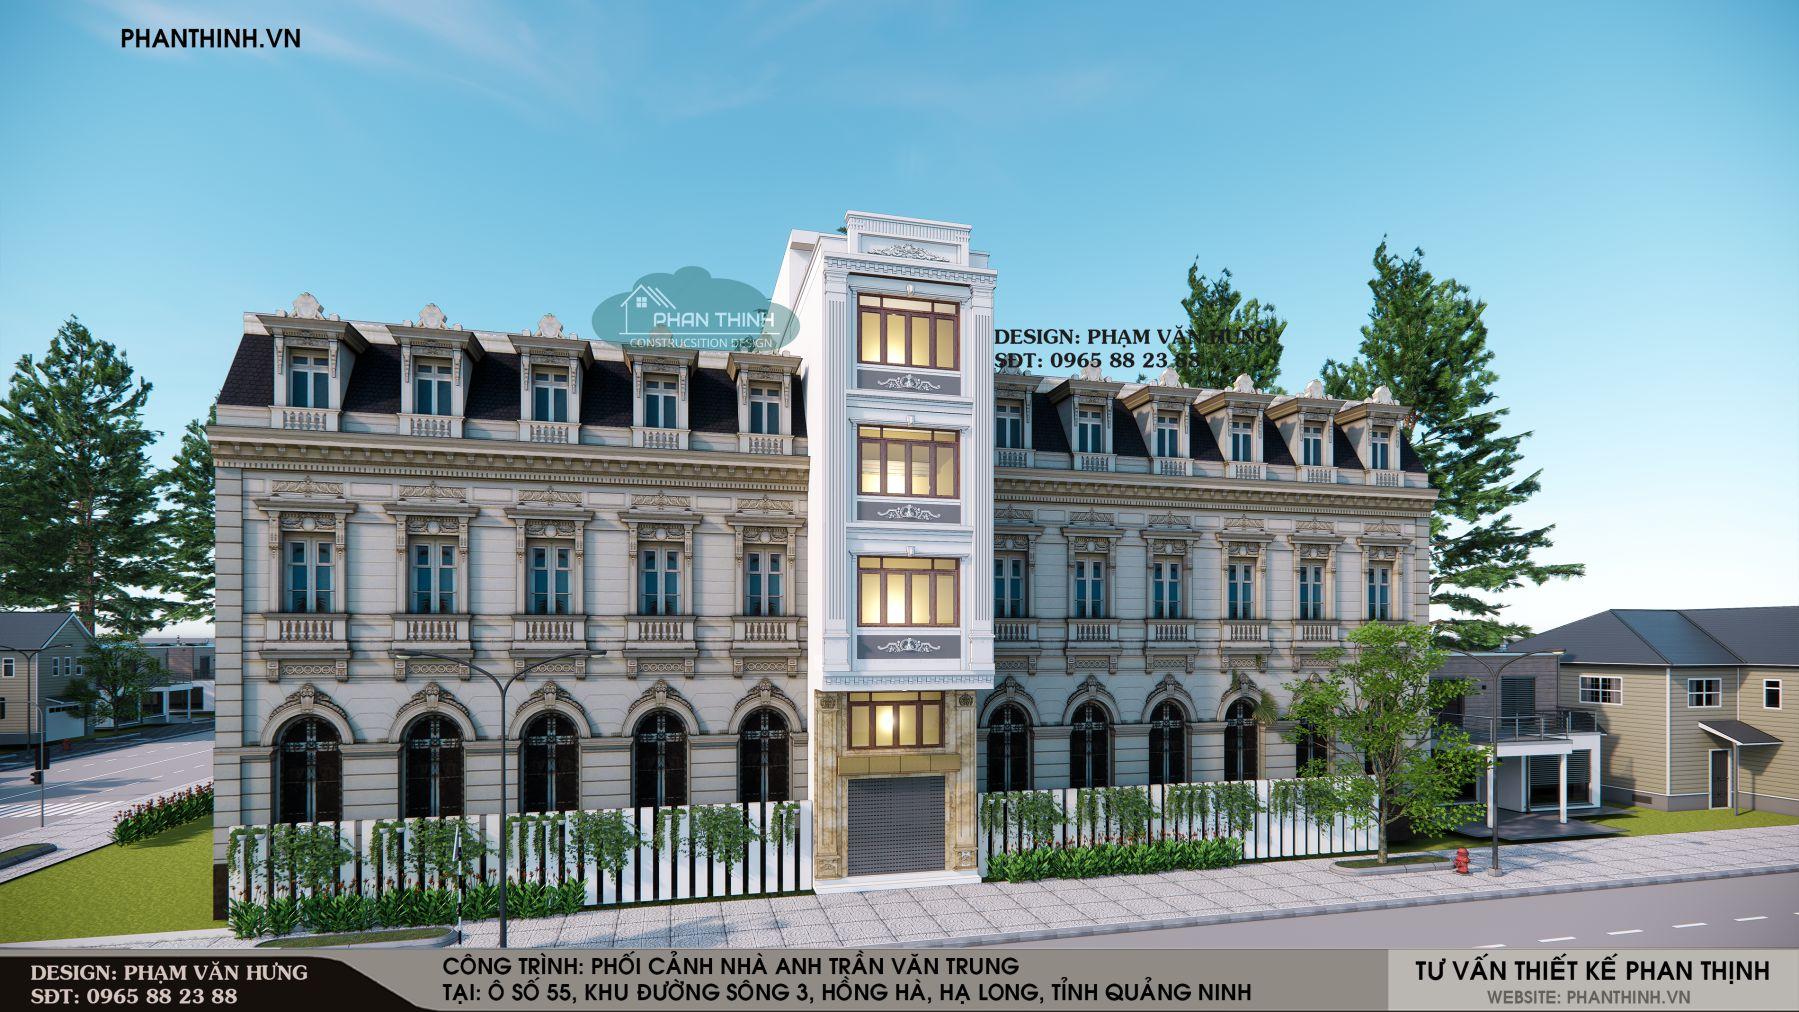 Thiết kế mặt tiền nhà nghỉ 5 tầng tân cổ điển ở Quảng Ninh